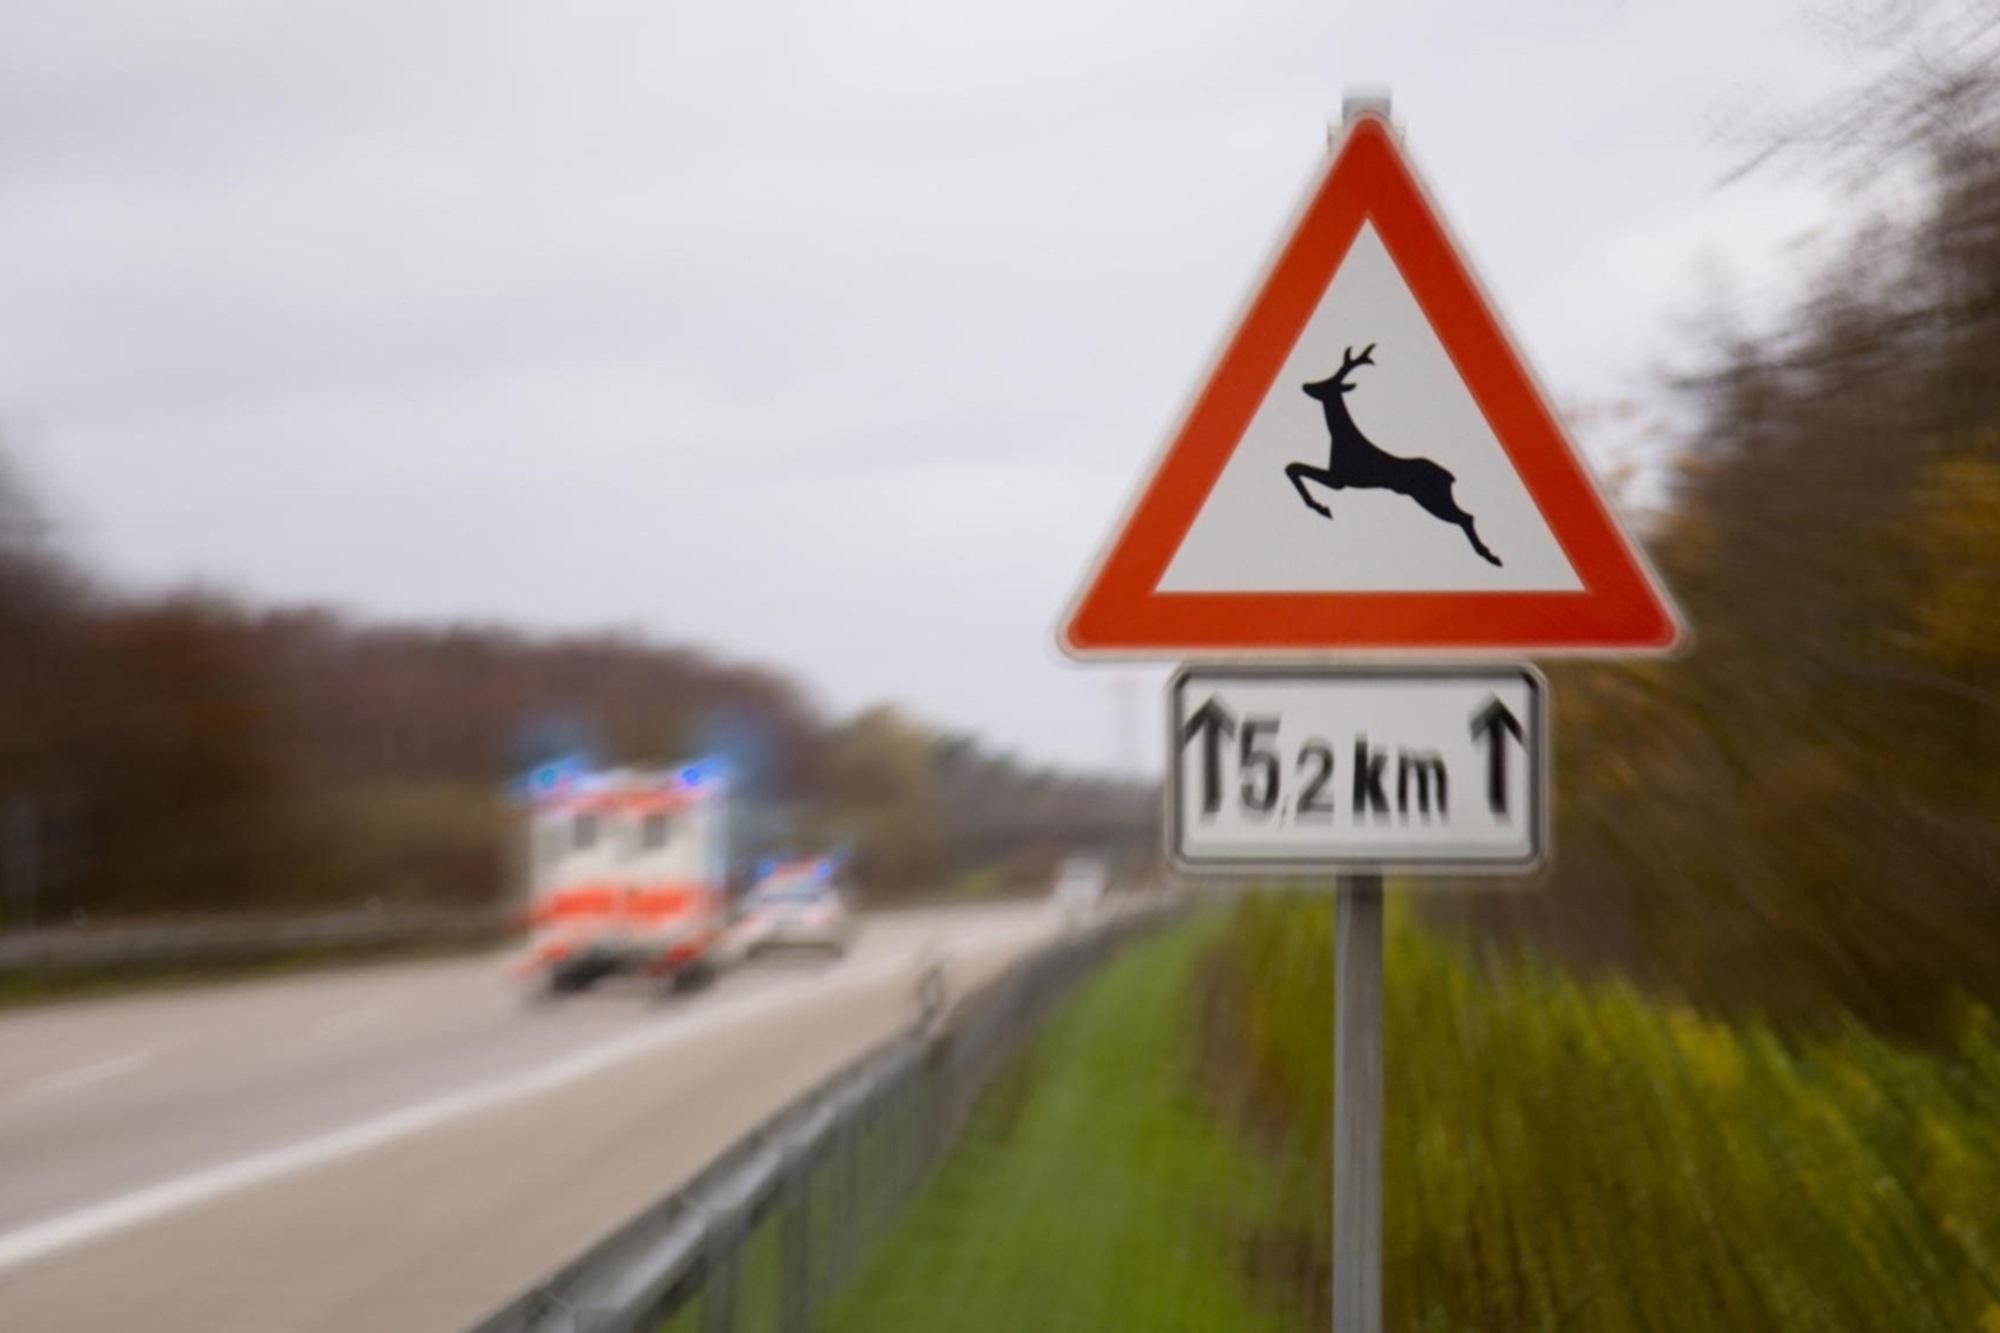 Ratgeber: Wildunfall - Herbstliche Gefahr auf Waldstrecken